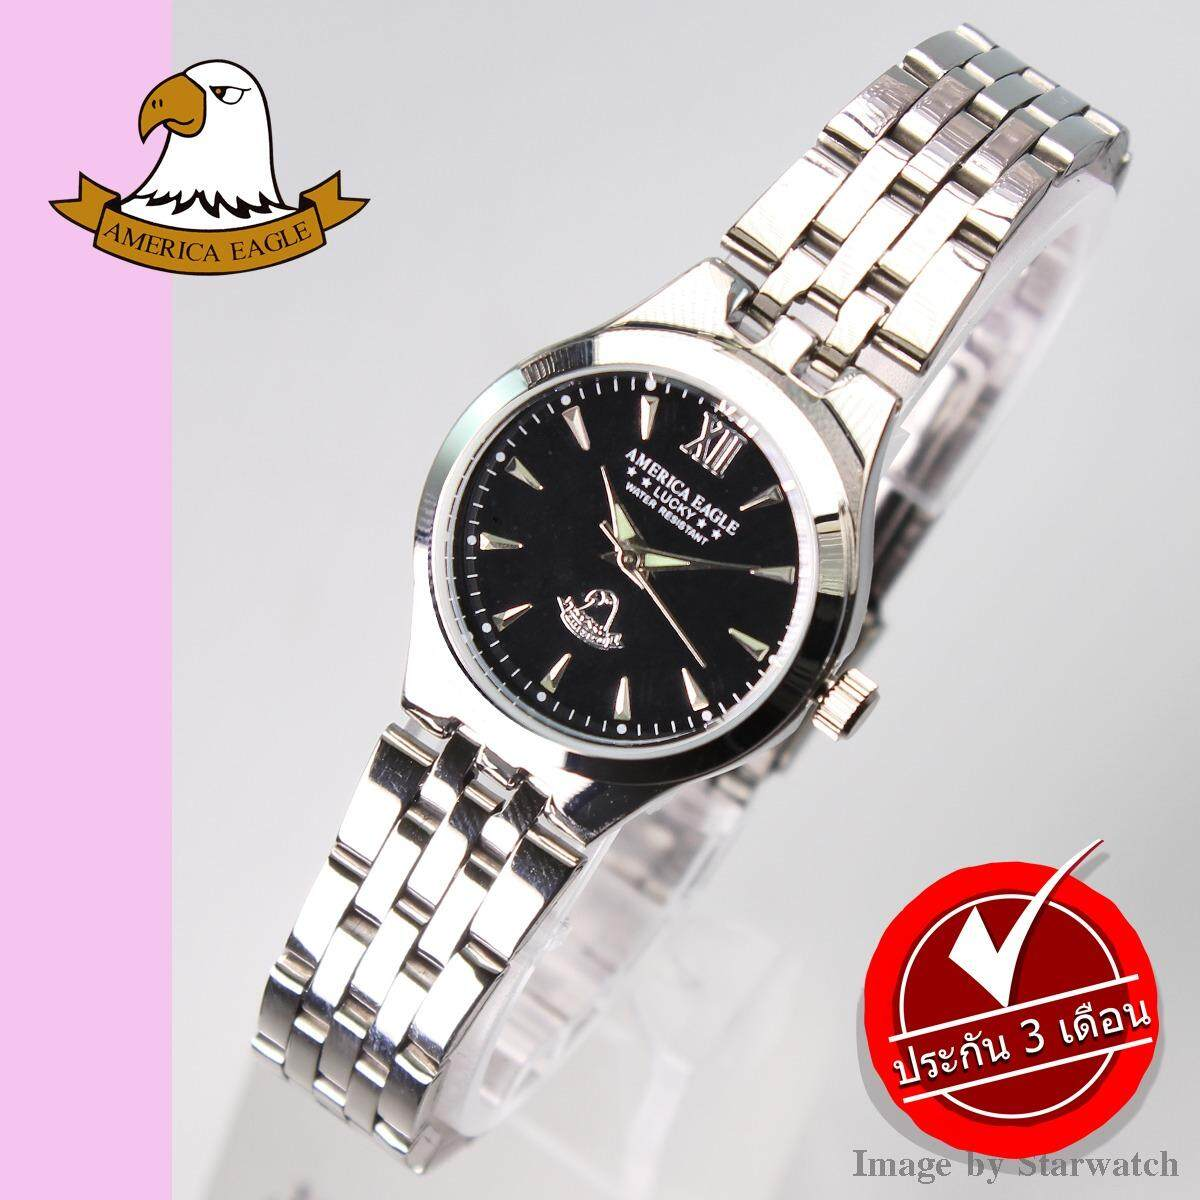 ราคา America Eagle นาฬิกาข้อมือผู้หญิง สายสแตนเลส รุ่น Ae021L Silver Black ราคาถูกที่สุด